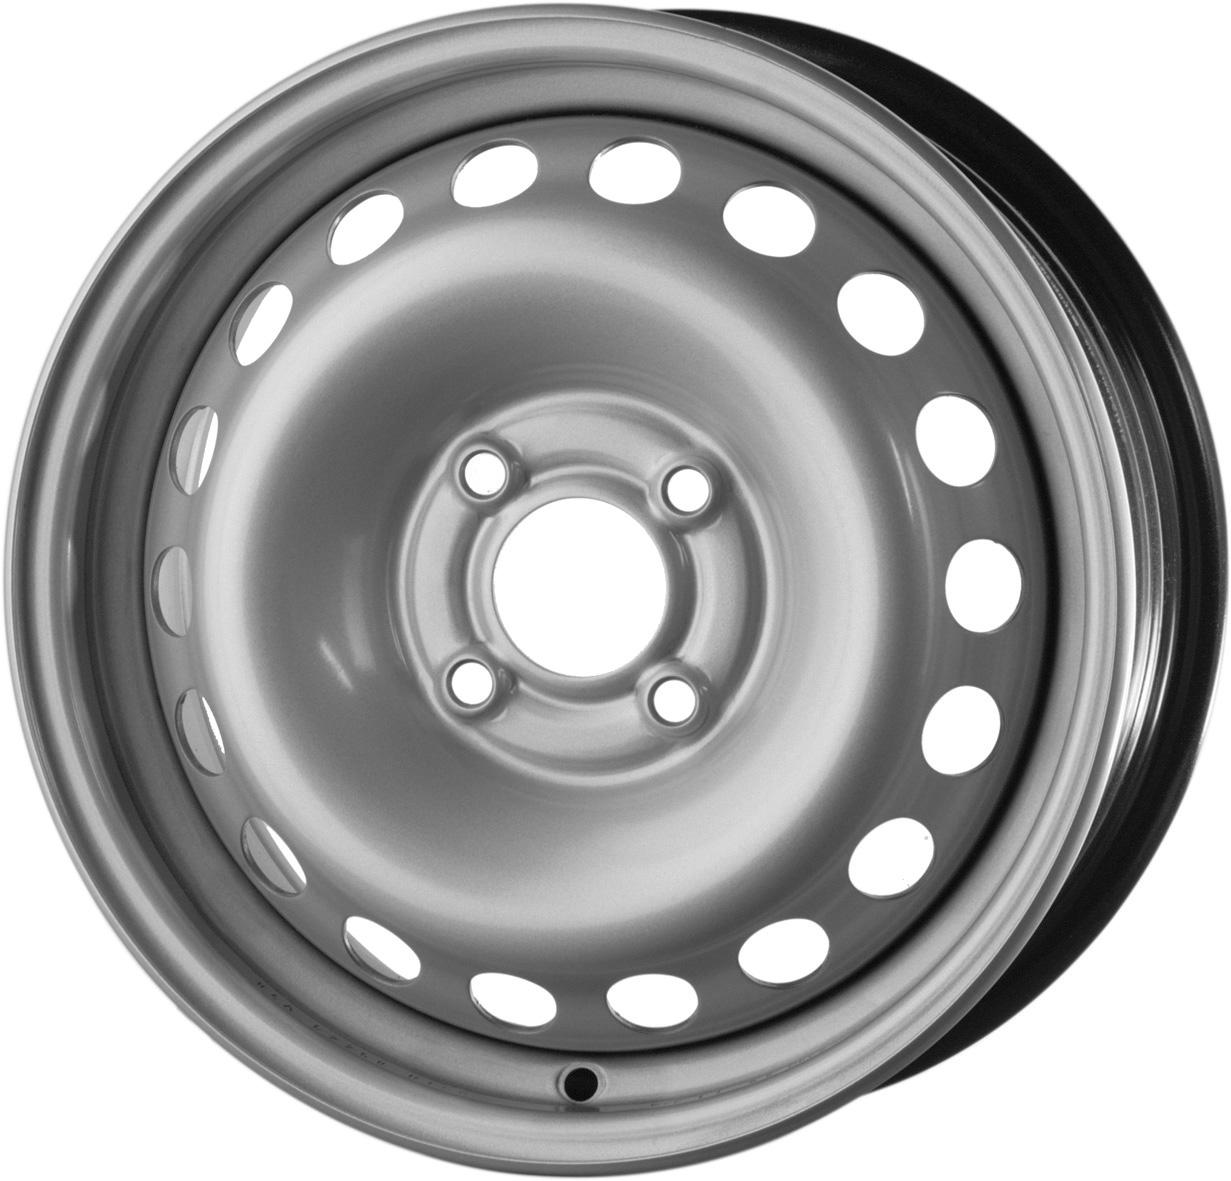 Vorschau: 14″ Stahlrad Winter für Mercedes Citan Kasten 108 CDI (X) Kumho WP51 185/70 R14 88T